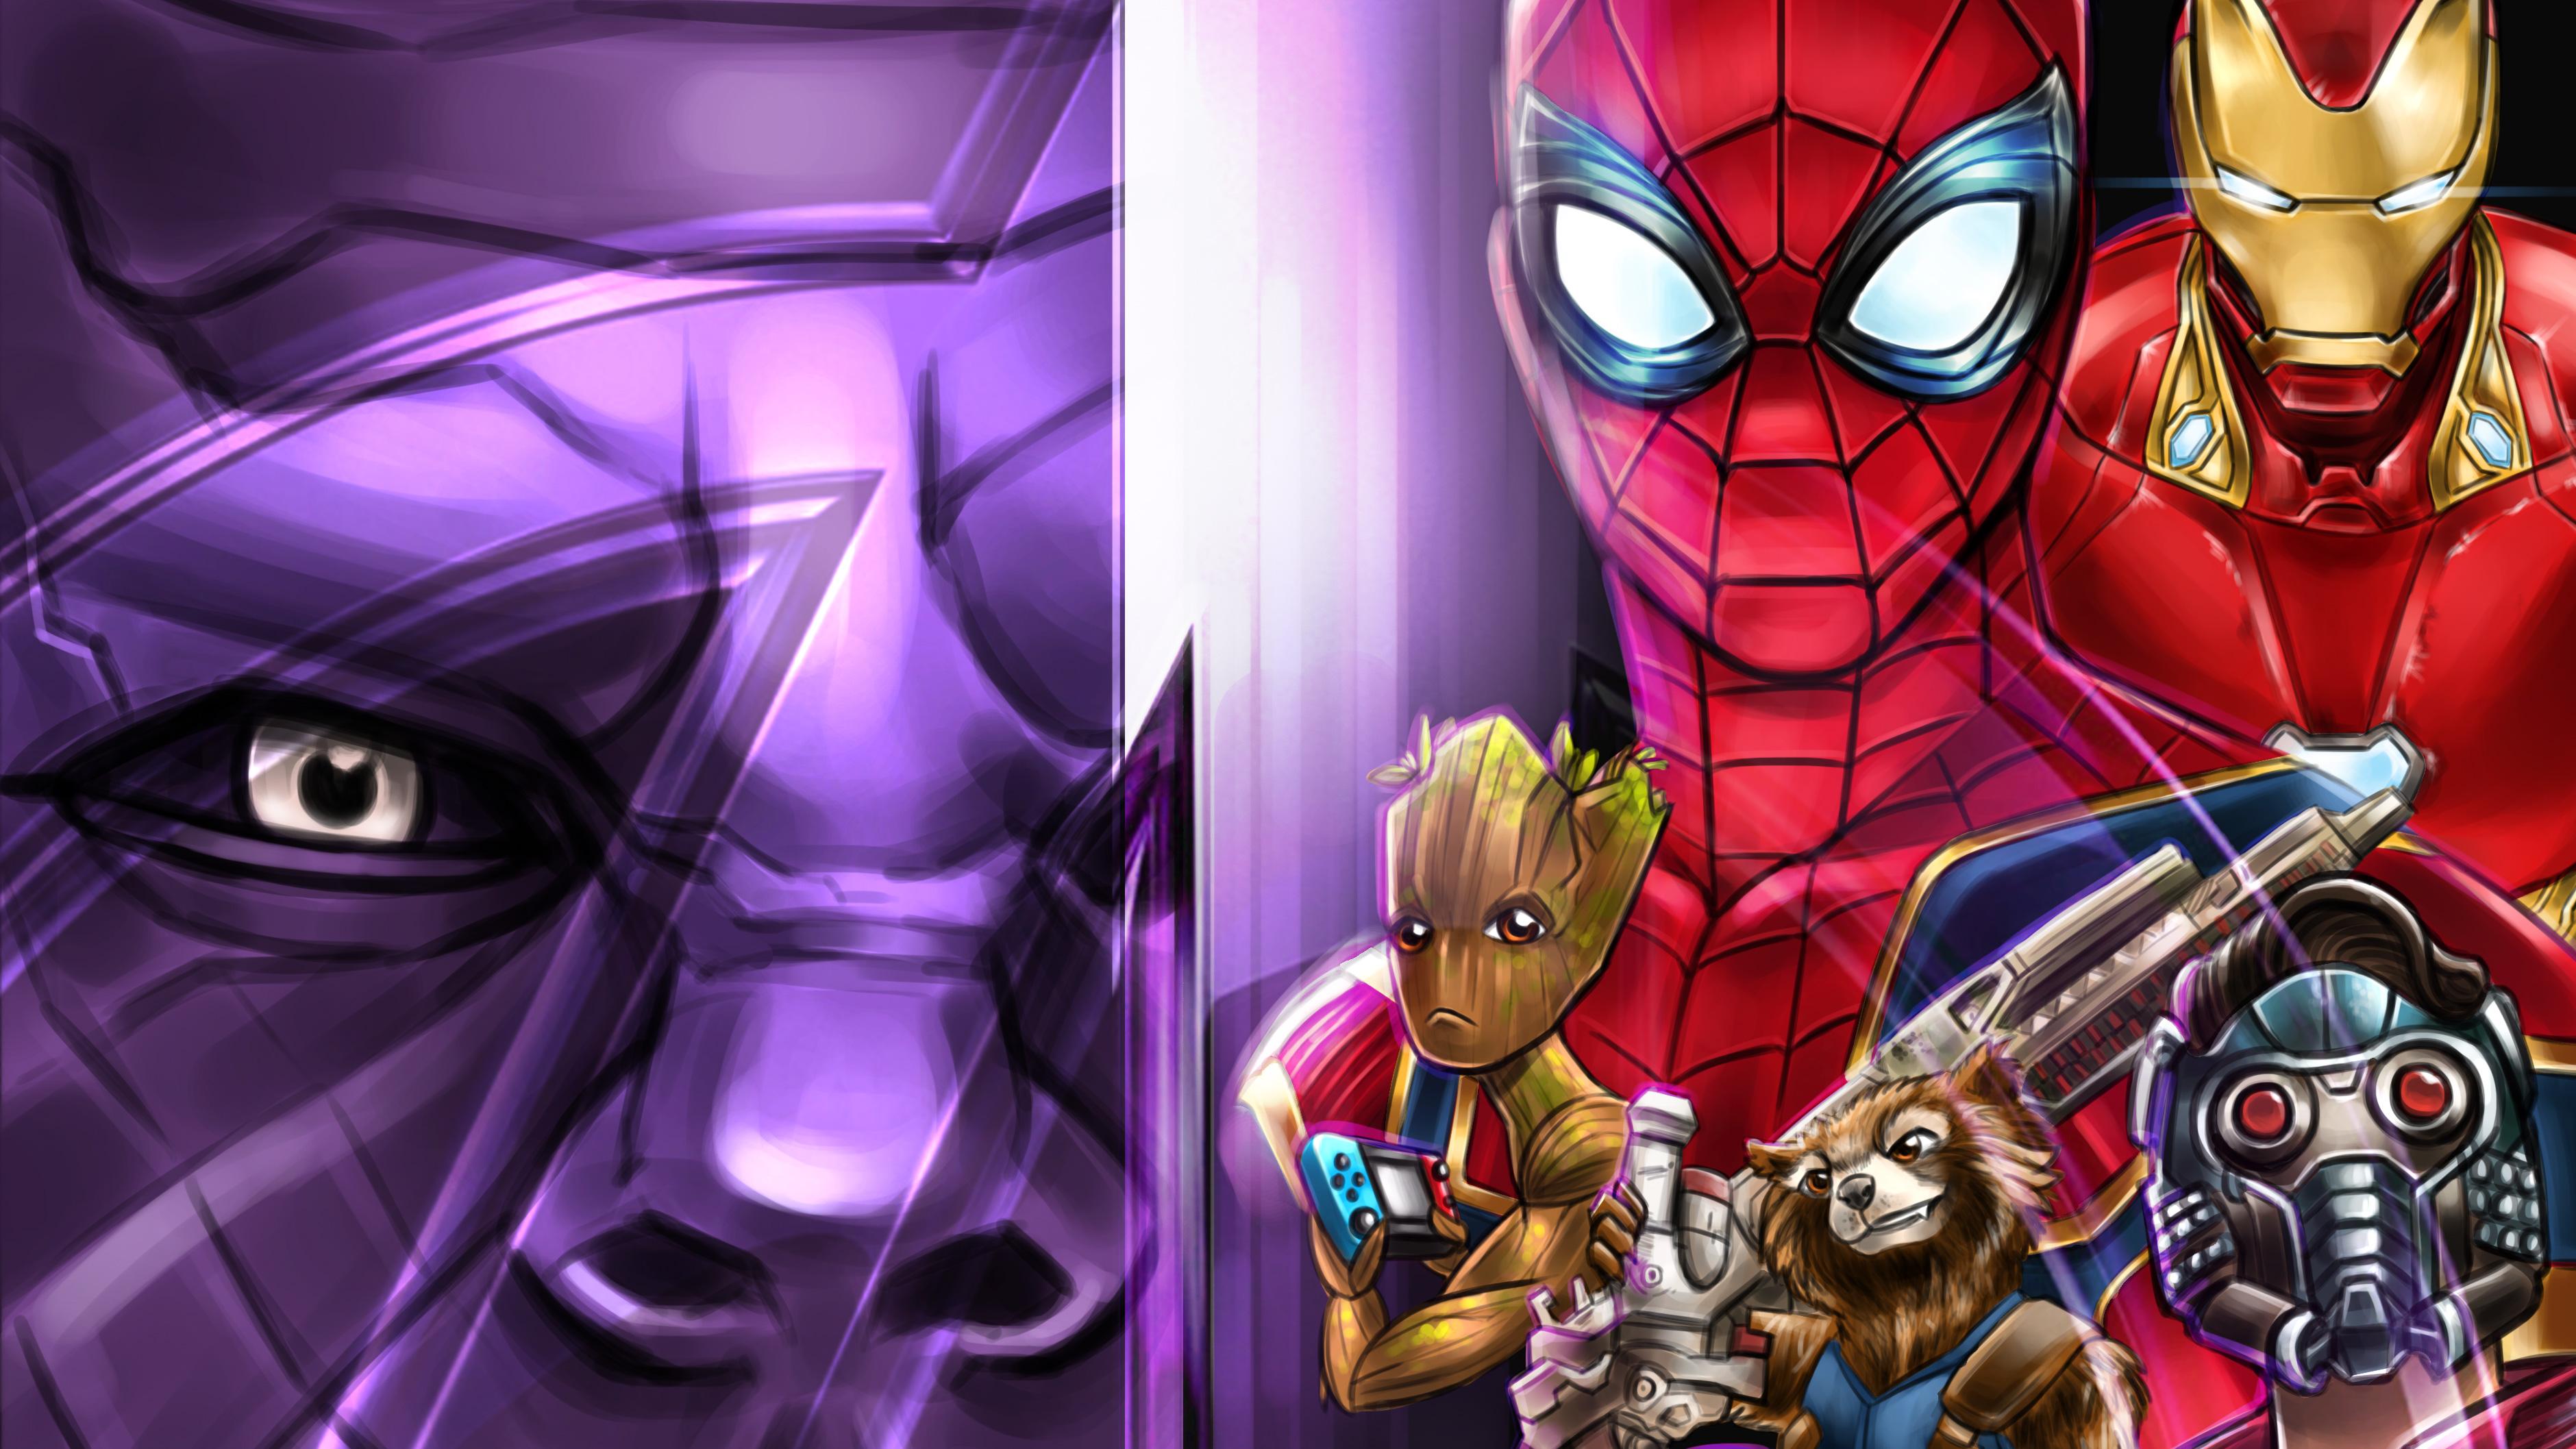 Avengers Infinity War 4k Artwork - Avengers Infinity War 4k Artwork - Wallpapers, 4k